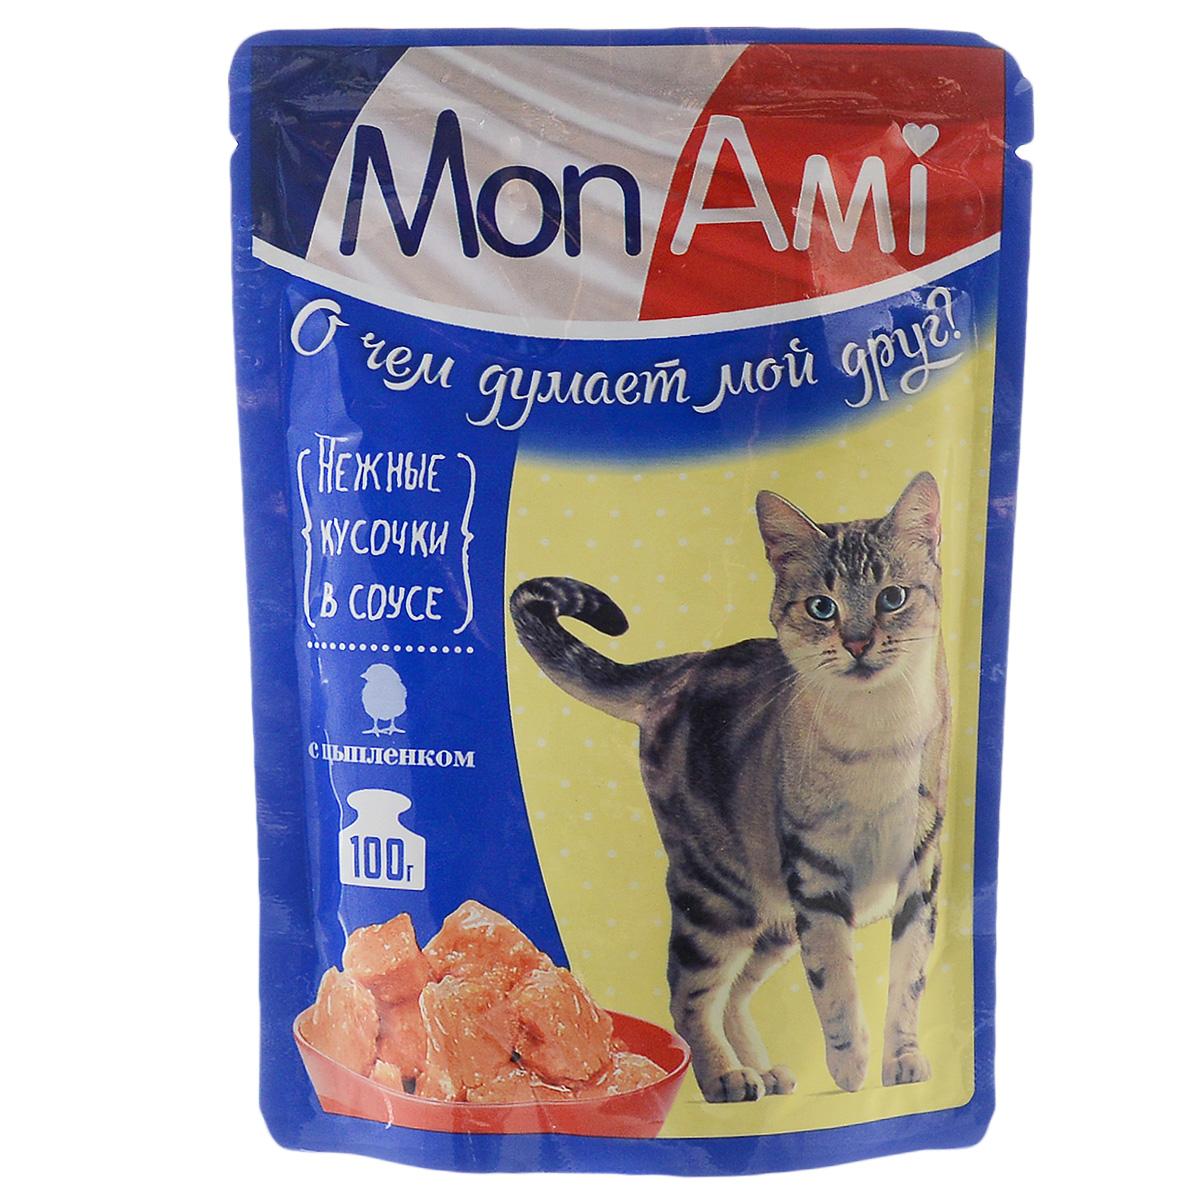 Консервы для кошек Mon Ami, нежные кусочки в соусе с цыпленком, 100 г59121Консервы для кошек Mon Ami - консервированный полнорационный корм для кошек. Вкусные блюда Mon Ami непременно придутся по душе вашей кошке. После вкусного завтрака, обеда или ужина с аппетитными и нежными кусочками в соусе, благодарность вашей кошки не заставит себя ждать. Когда питомец доволен, счастлив и хозяин. Состав: мясо и продукты животного происхождения (цыпленок мин. 4%), растительные компоненты, масло подсолнечное, минеральные добавки, загустители, витамины (в т.ч. таурин). Содержание питательных веществ: влажность 82%, протеин 8%, жир 5%, зола 2,5%, клетчатка 0,5%, витамин Е 1,0 мг/100 г. Энергетическая ценность на 100 г: 75 ккал. Вес: 100 г. Товар сертифицирован.